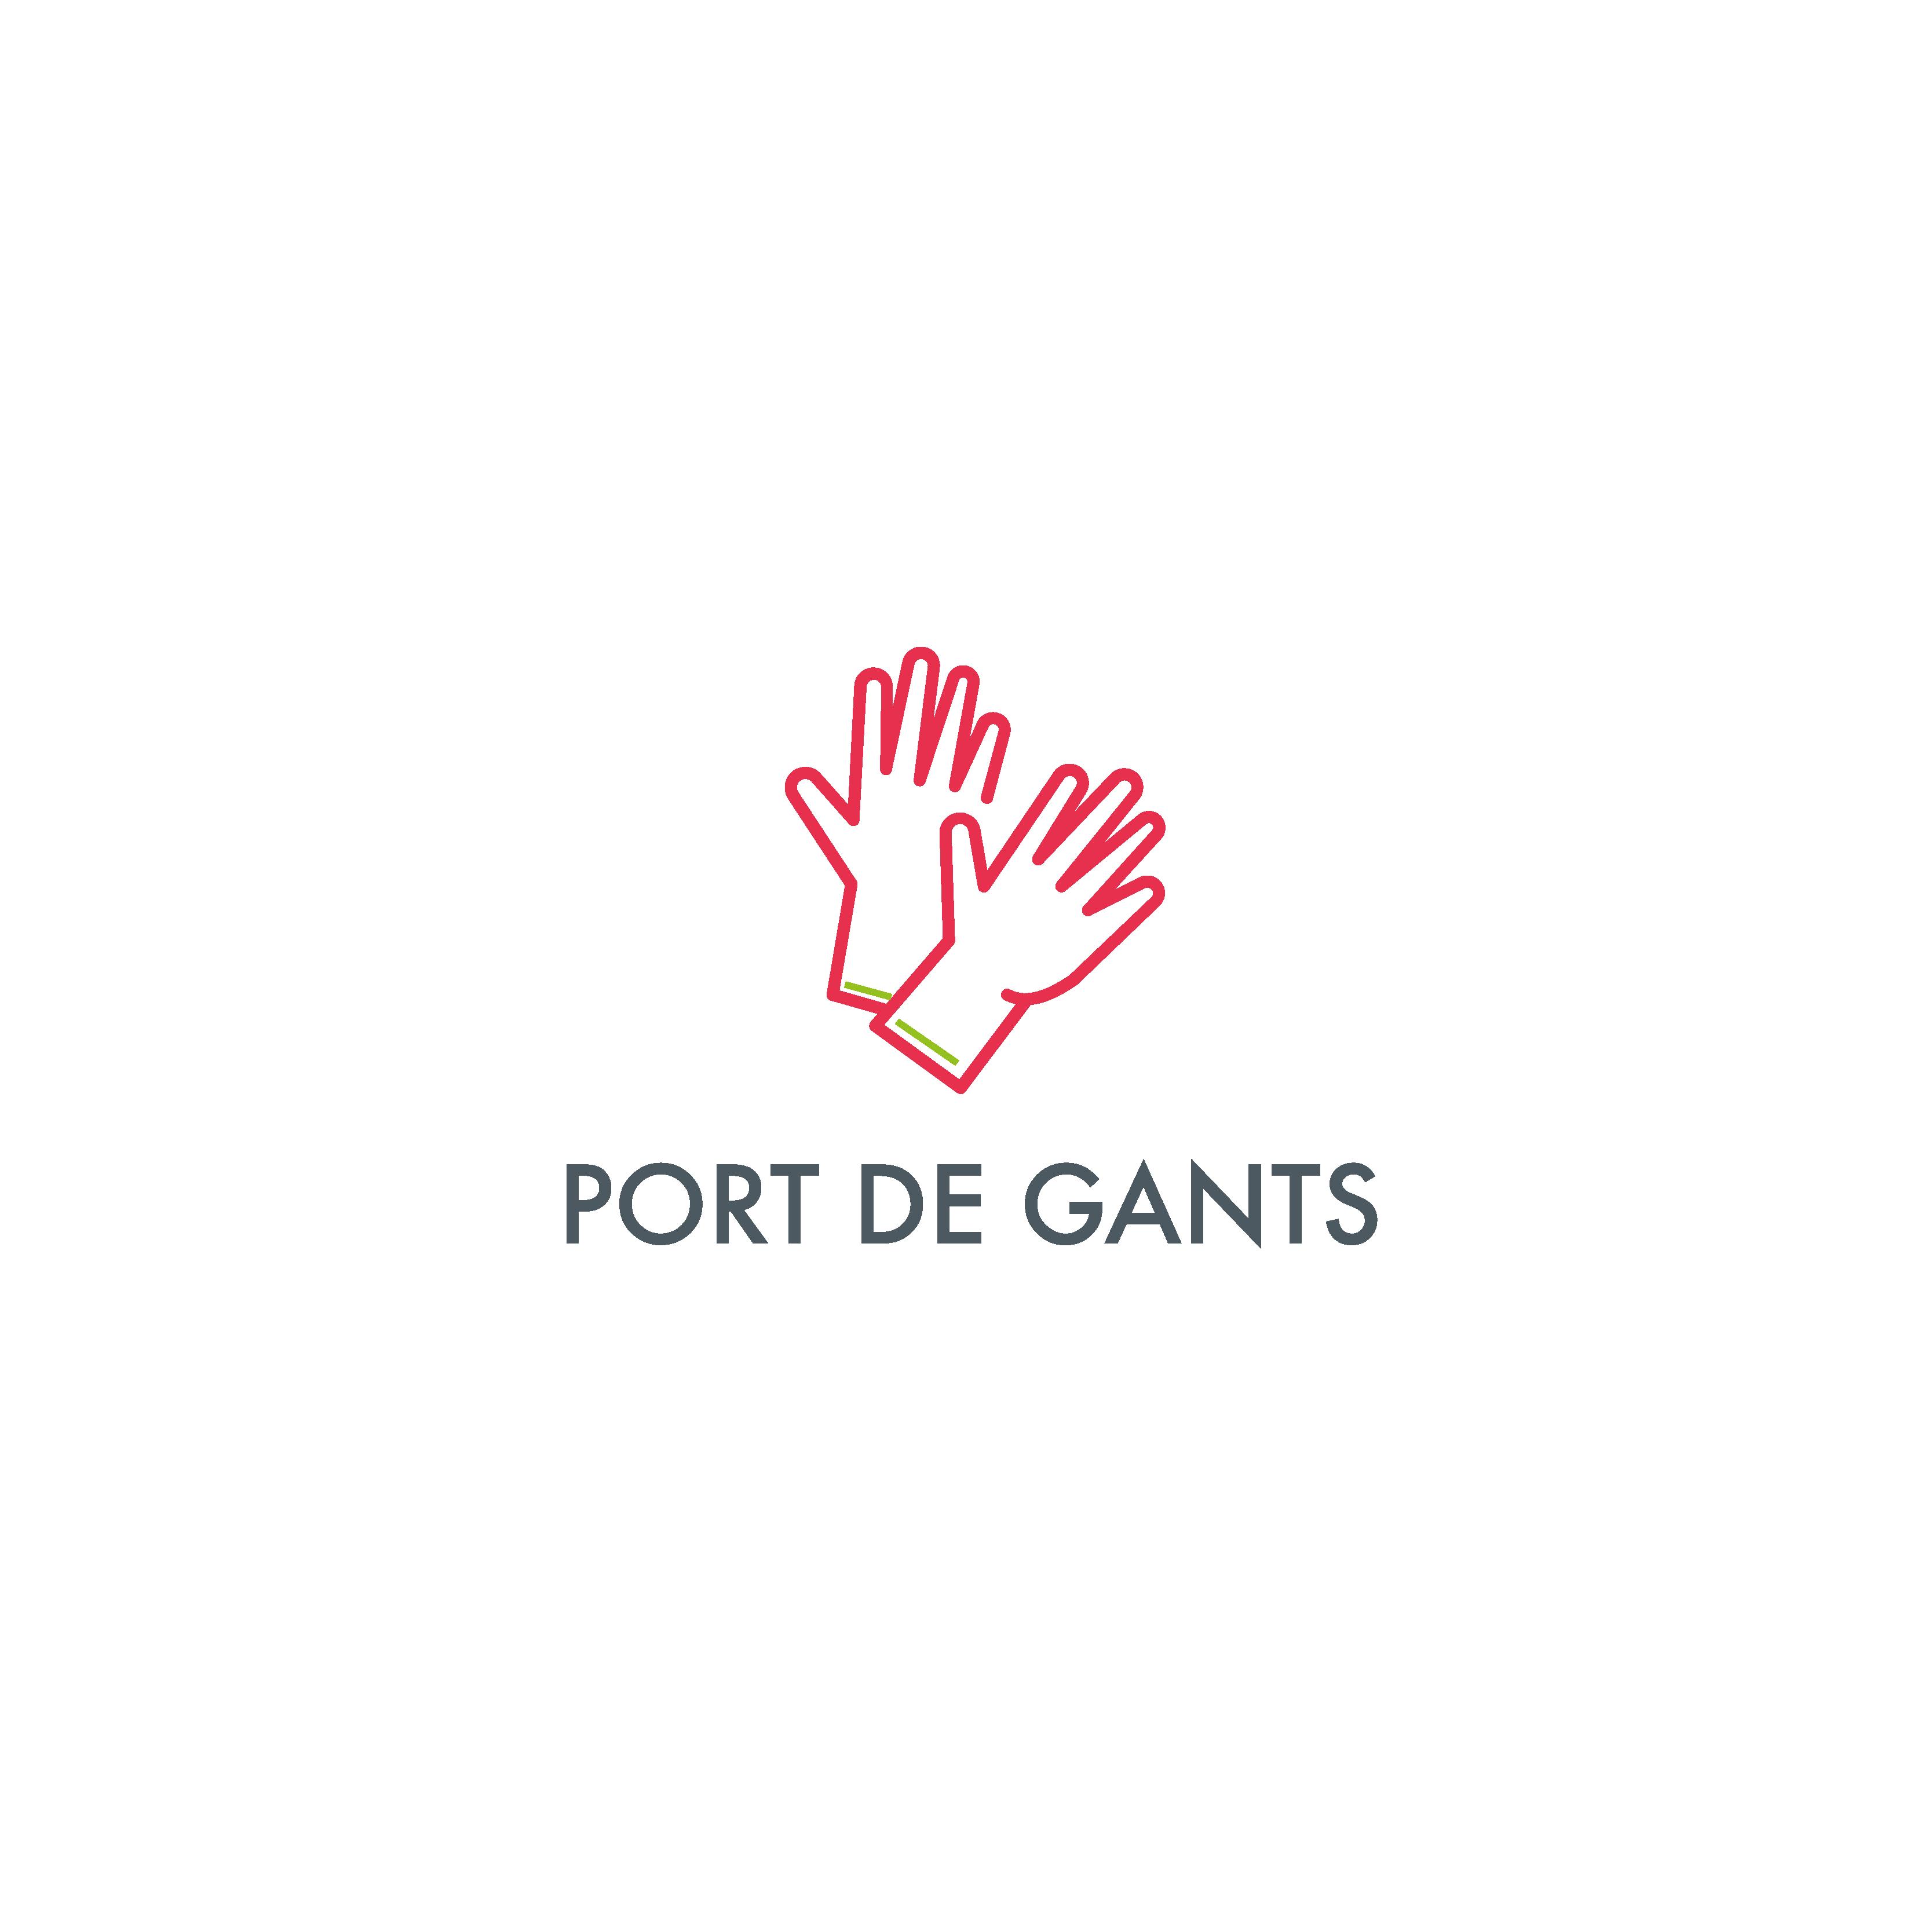 Port_de_gants